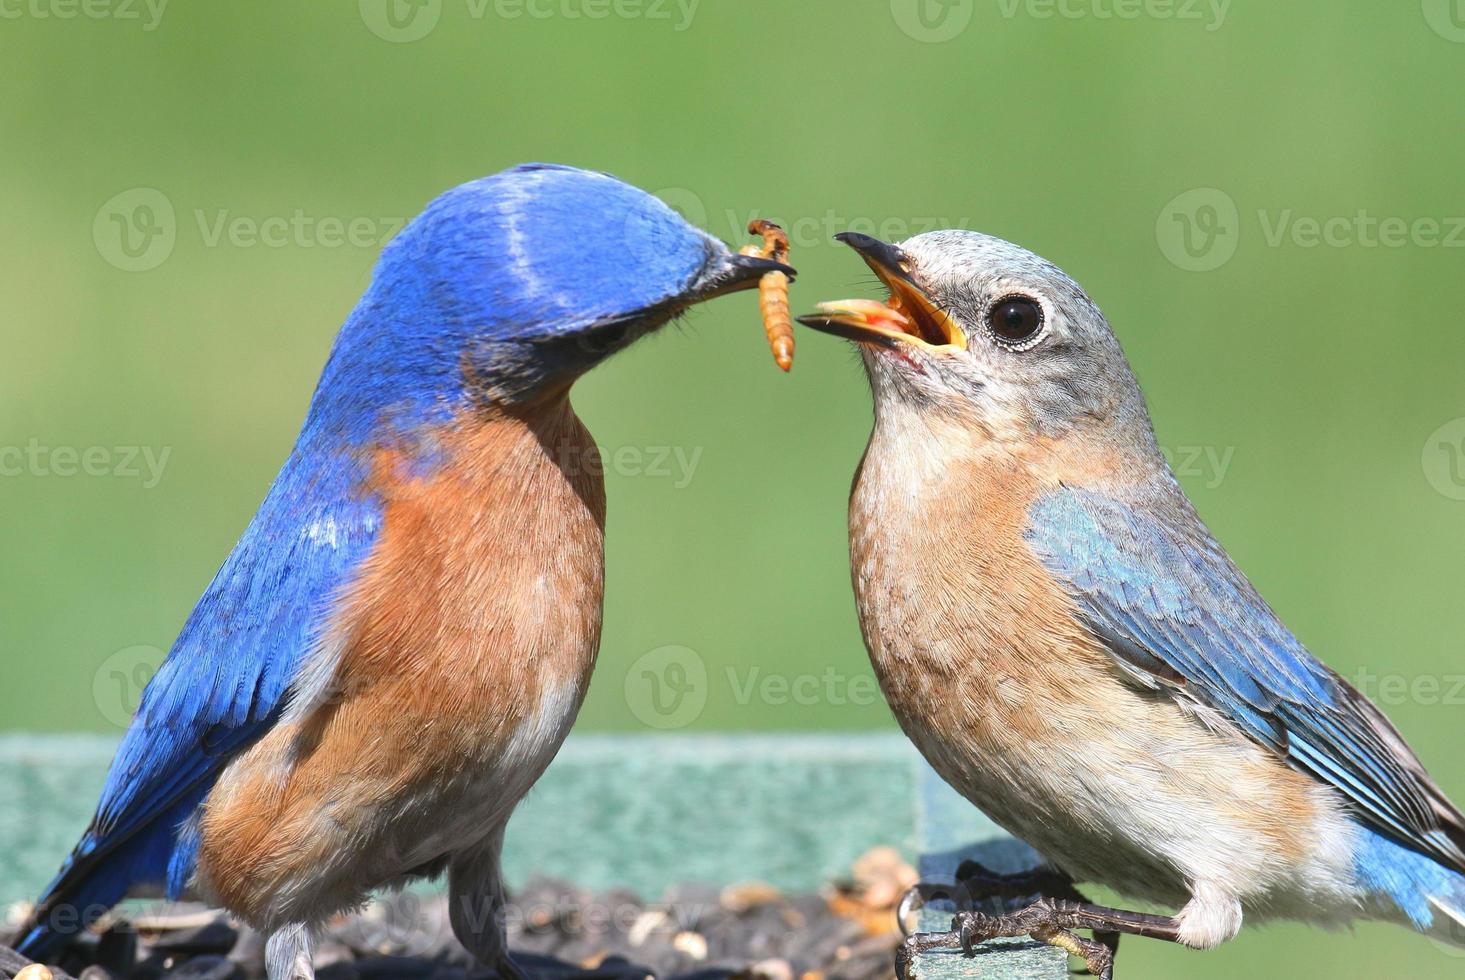 bluebird oriental masculino e feminino foto